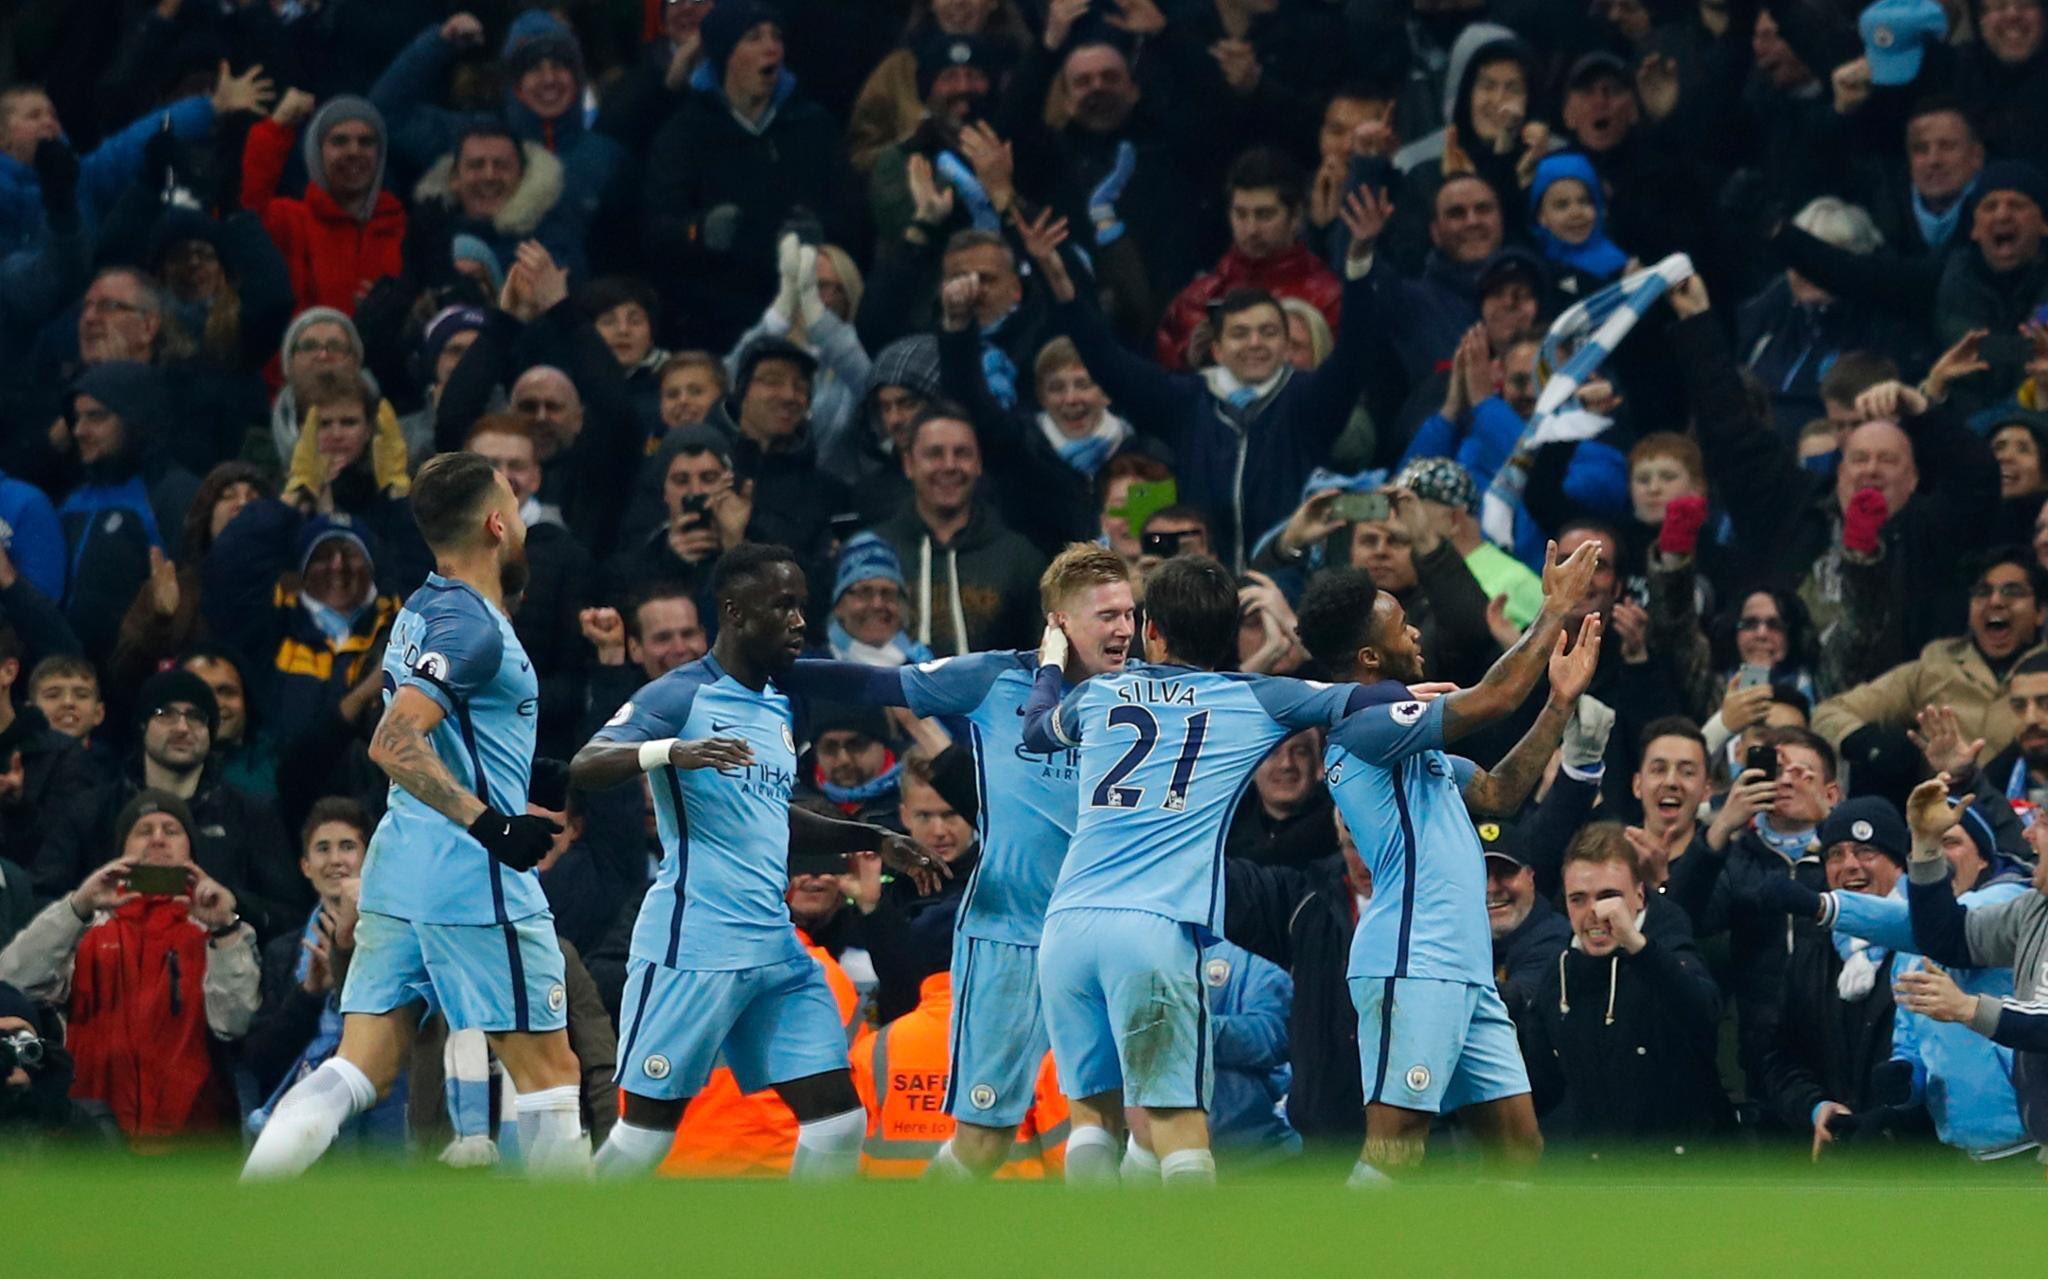 Massive win lads!������������ https://t.co/WtyE1GCjuZ